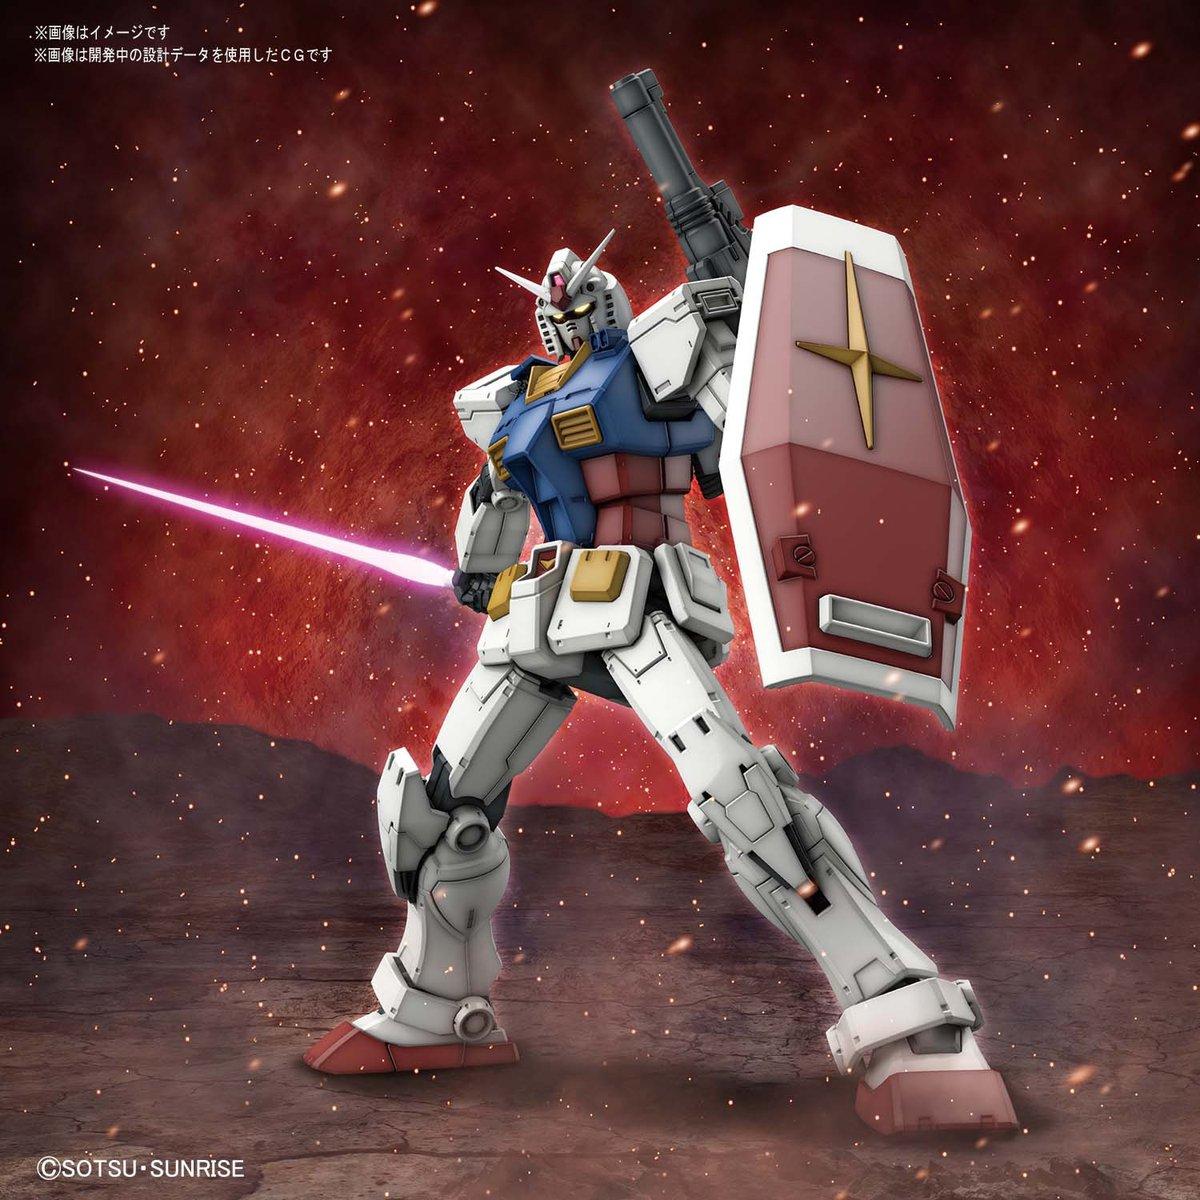 【ガンプラ】THE ORIGIN版のHG「RX-78-02 ガンダム」なかなかええな